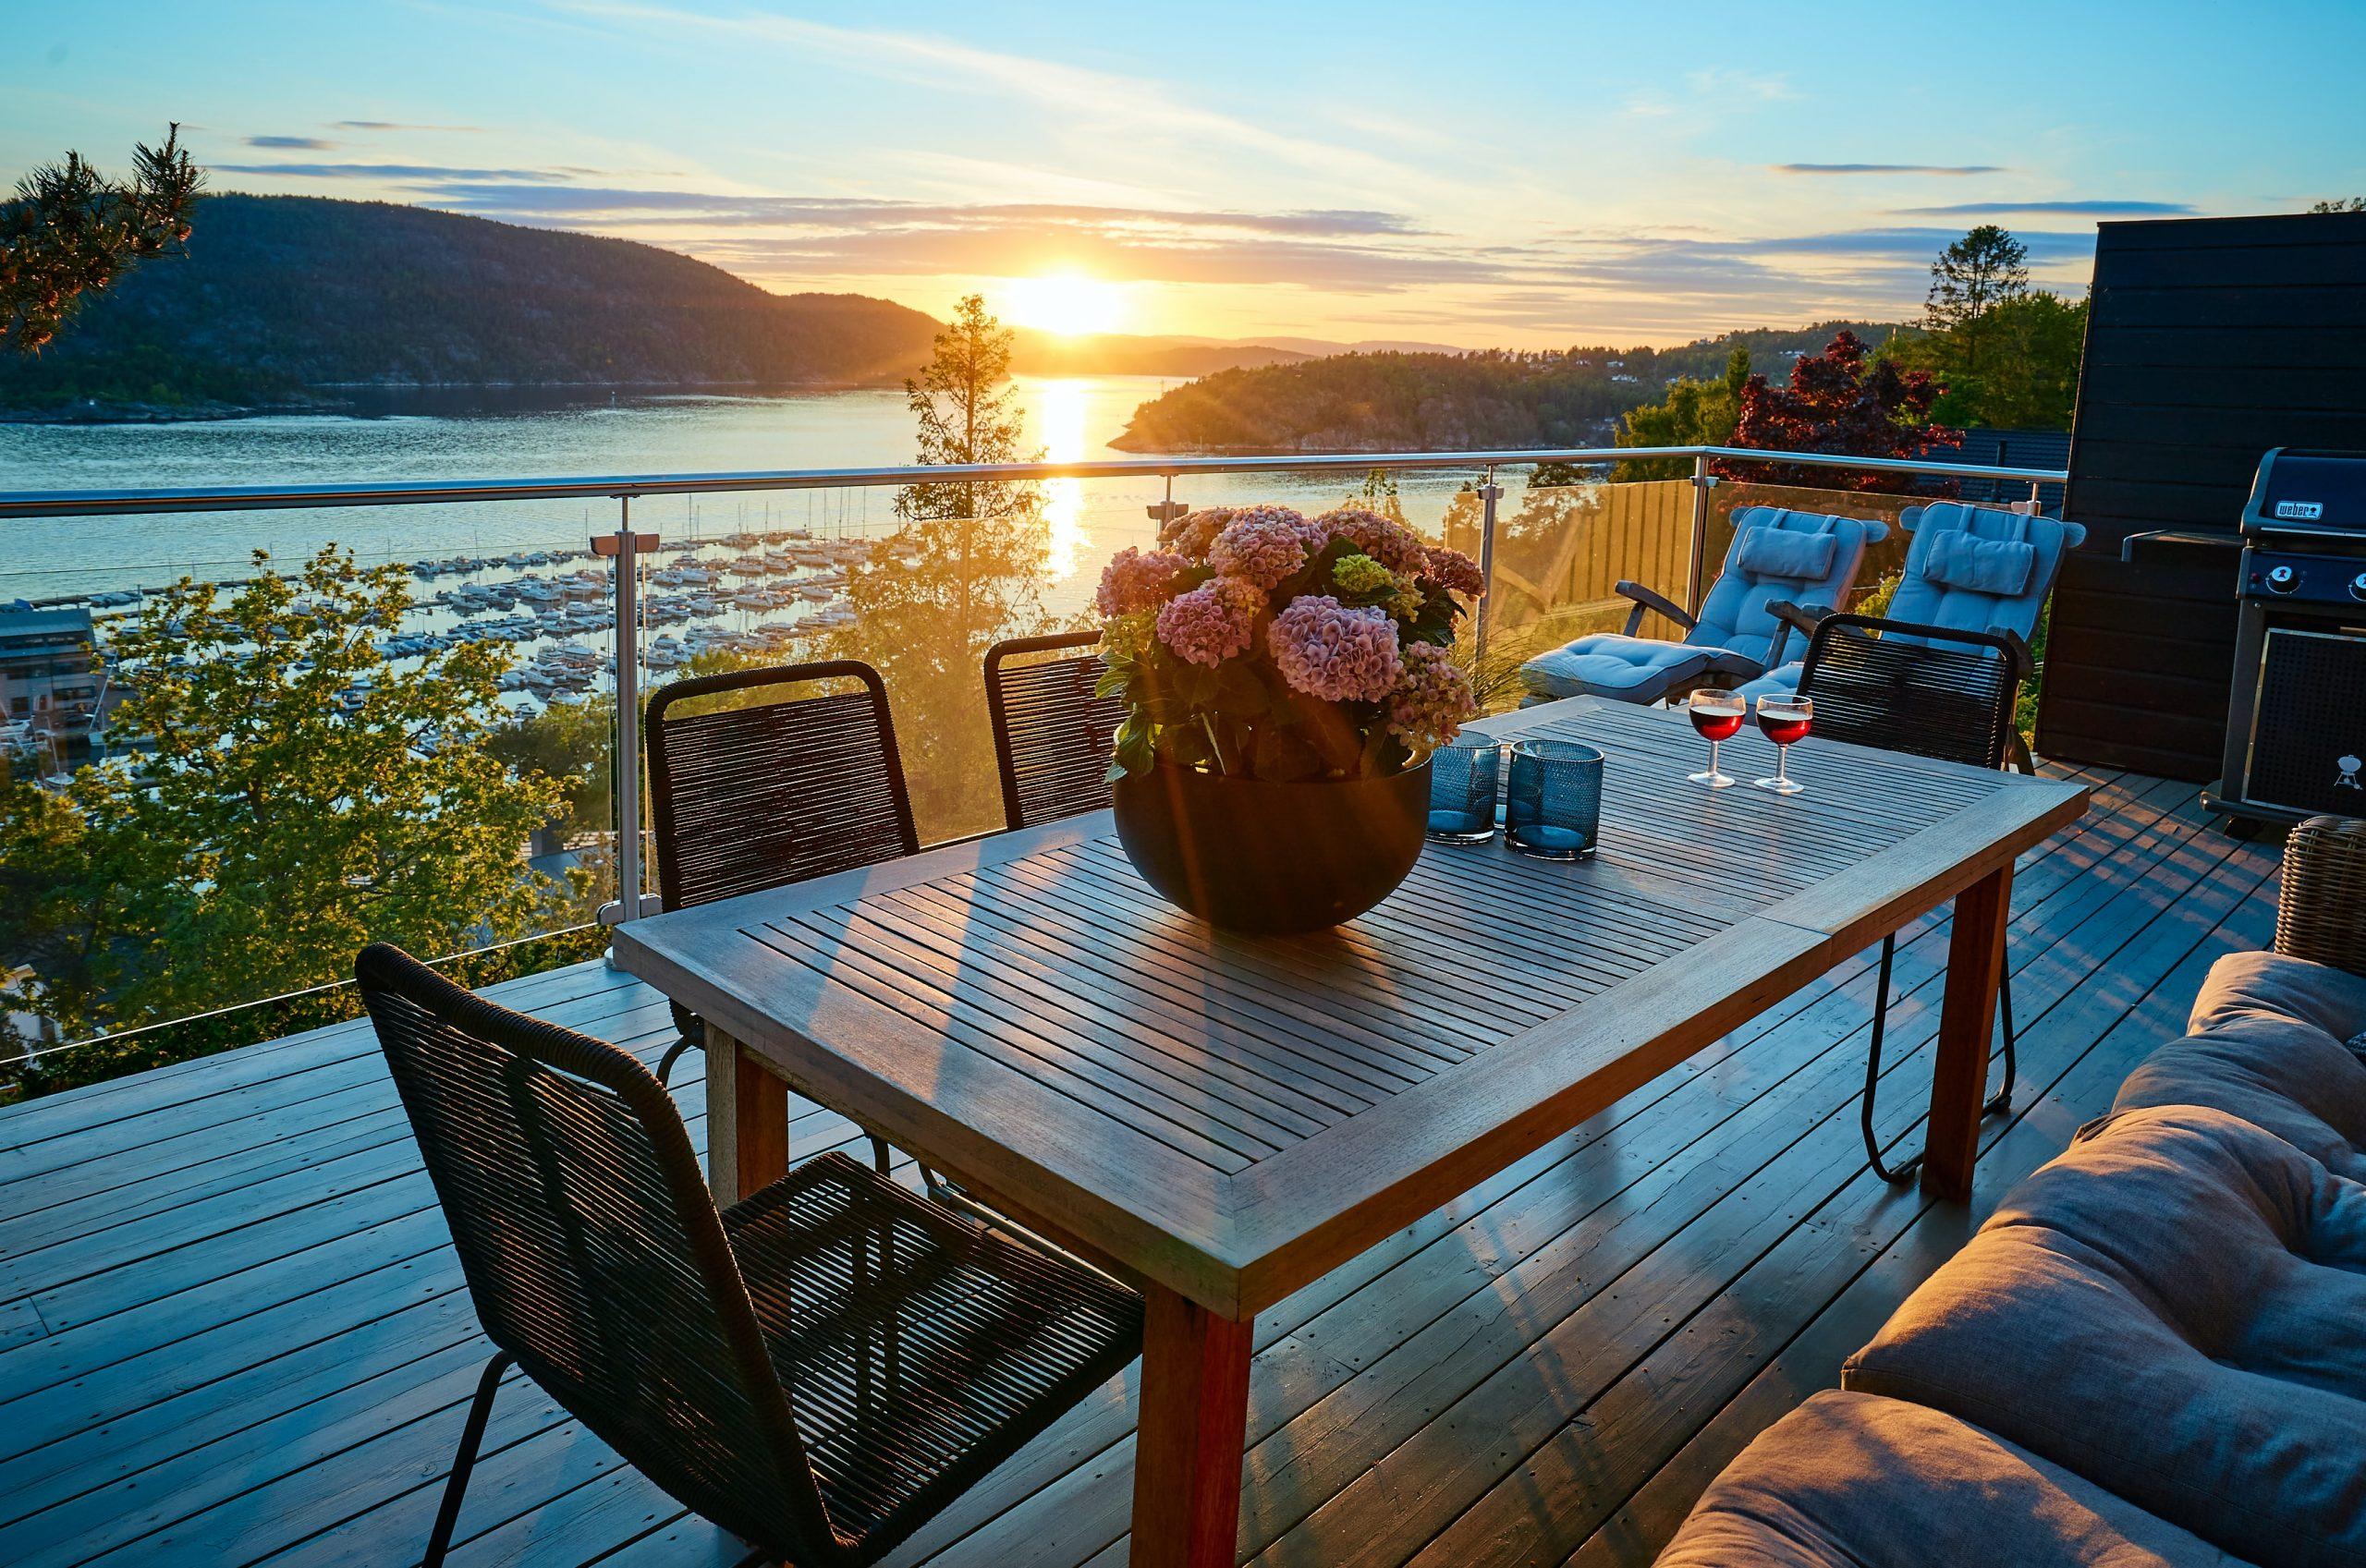 Comment avoir une terrasse bien éclairée ?